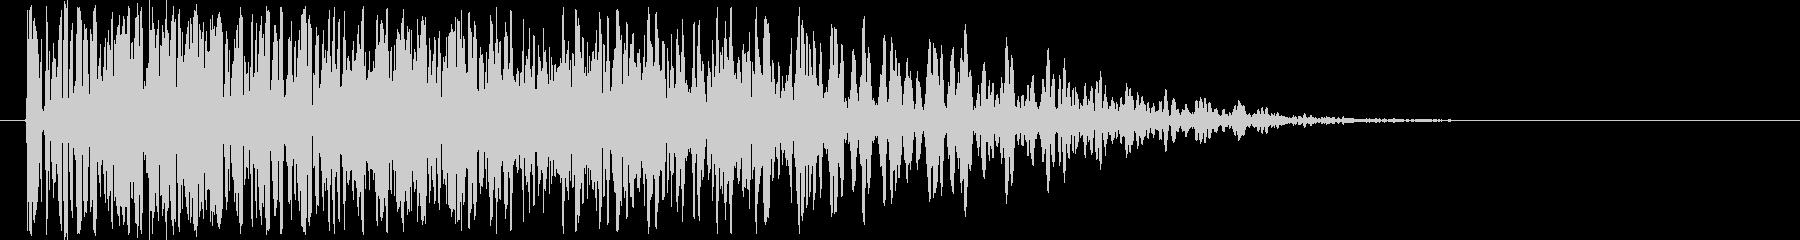 爆発音・大砲2の未再生の波形